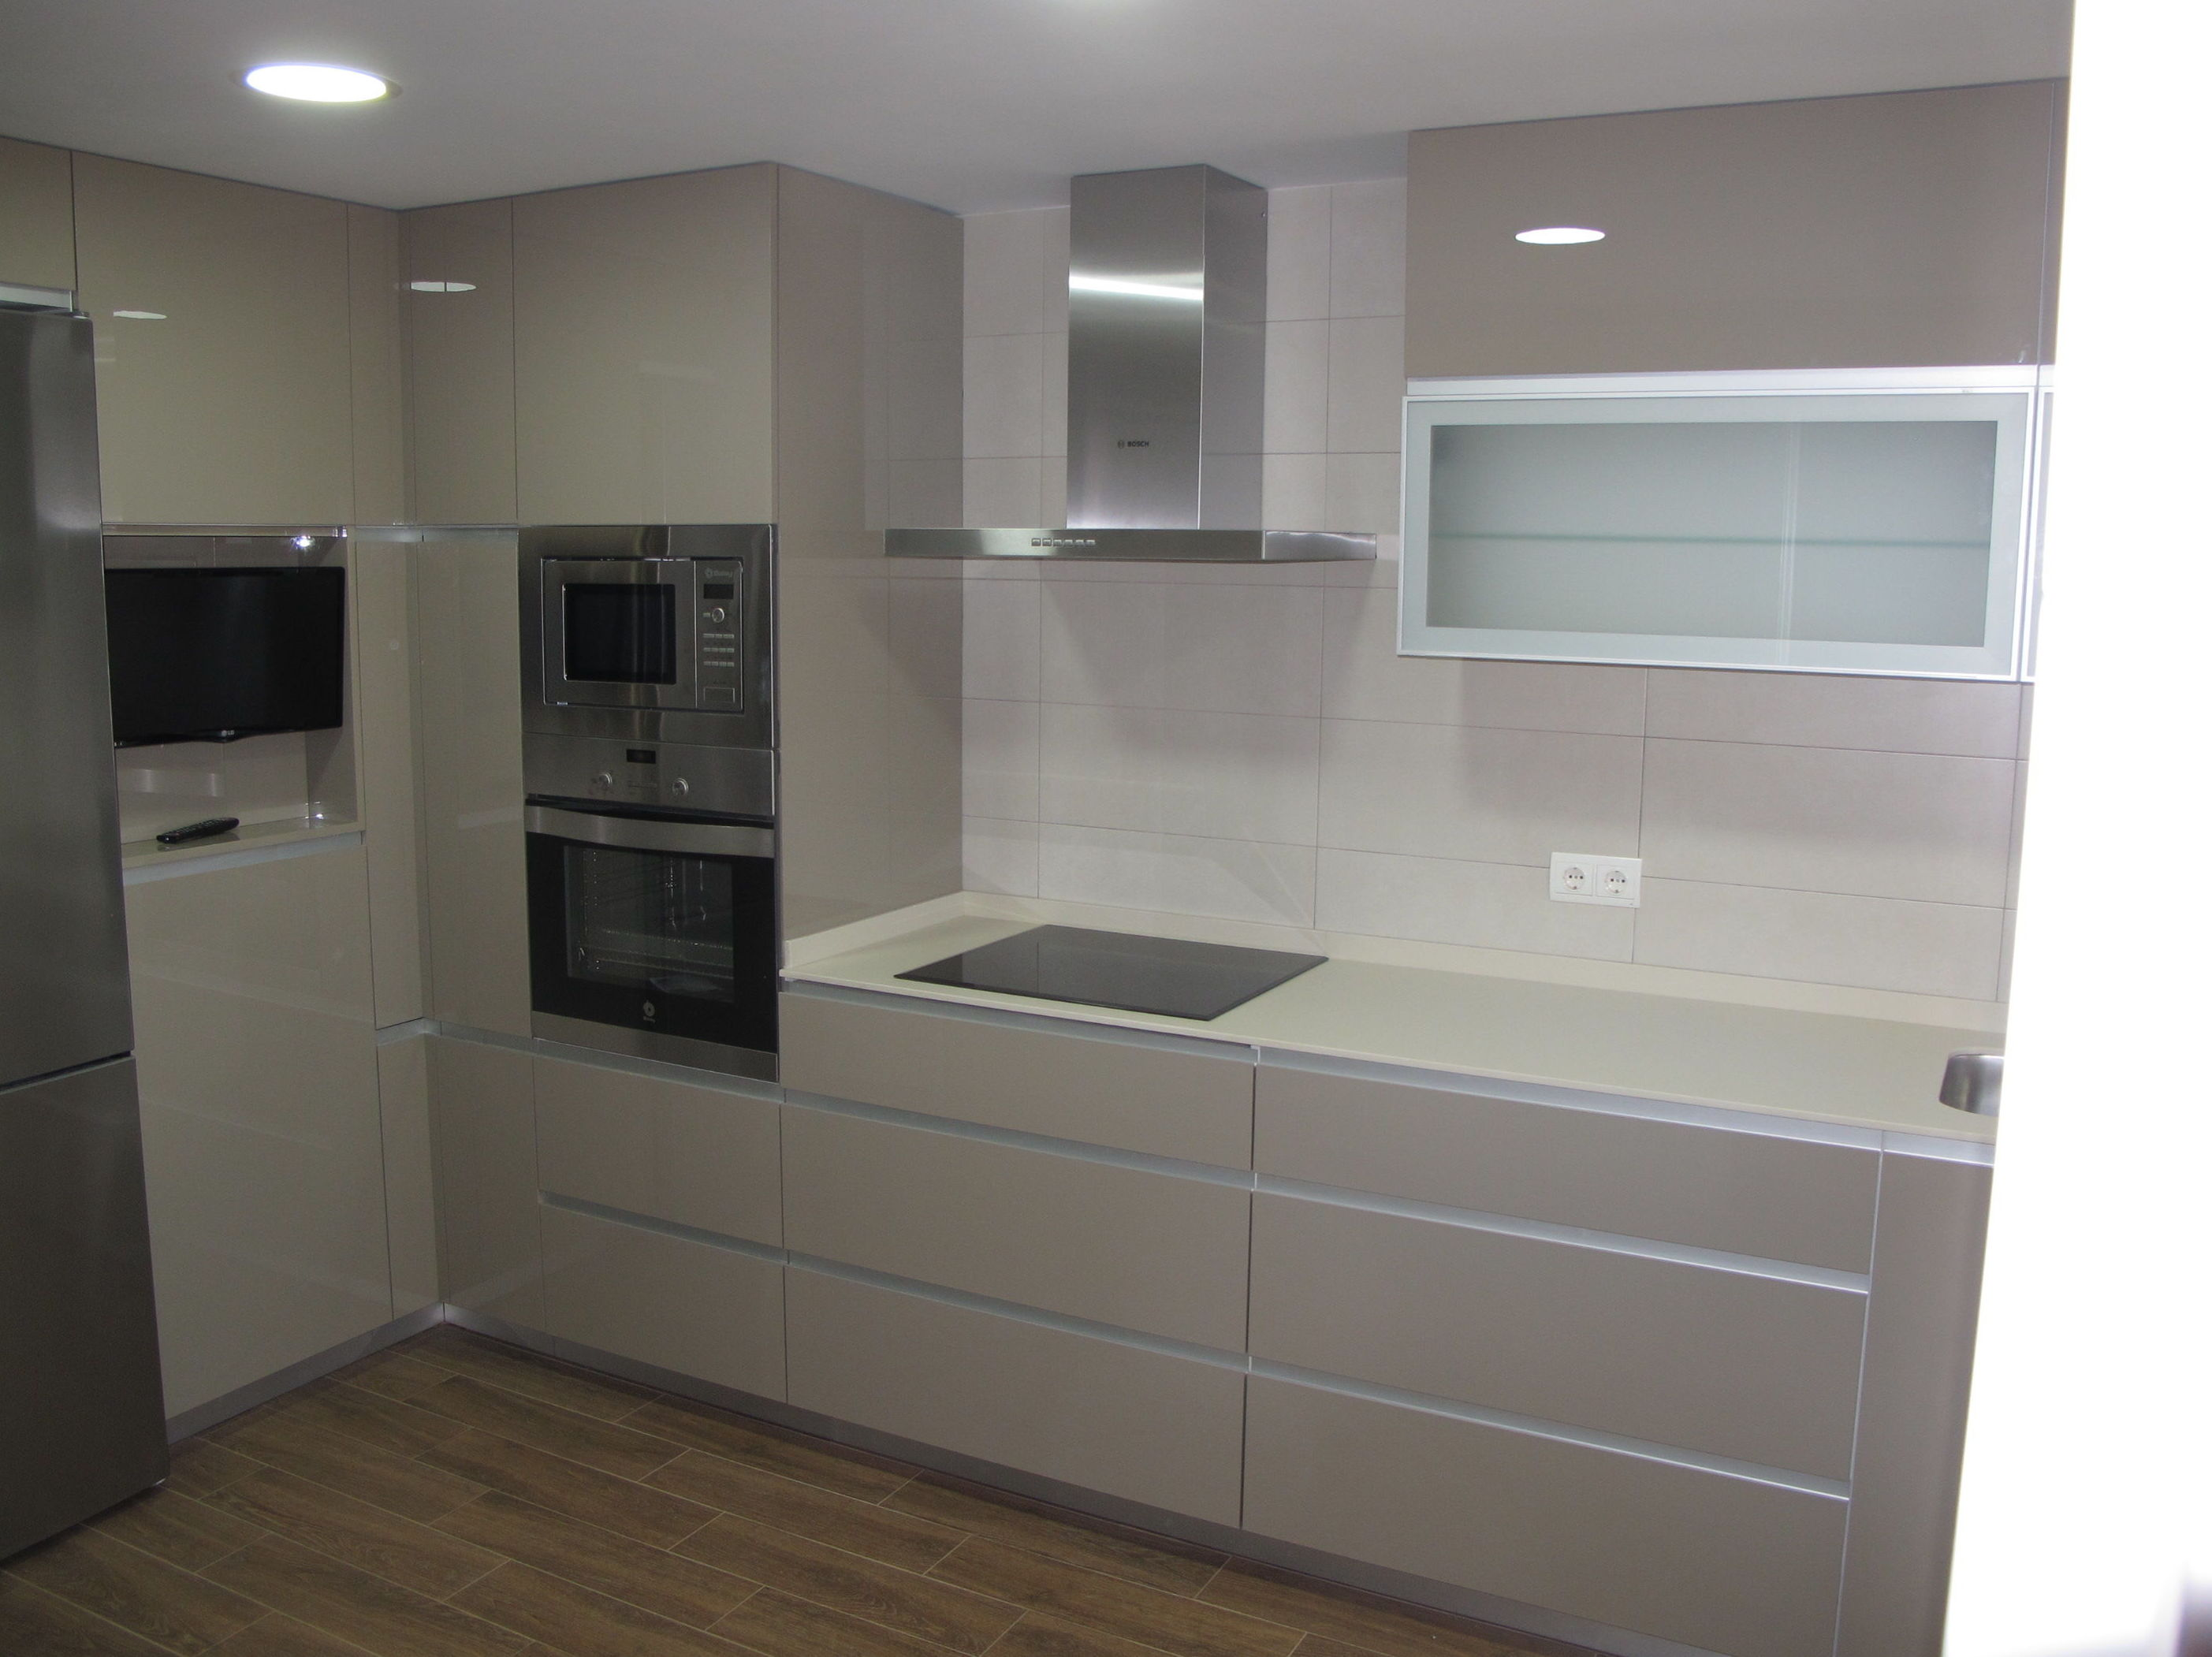 Dise os cocinas mc grupo de luxe proyecto realizado en for Muebles para encimeras